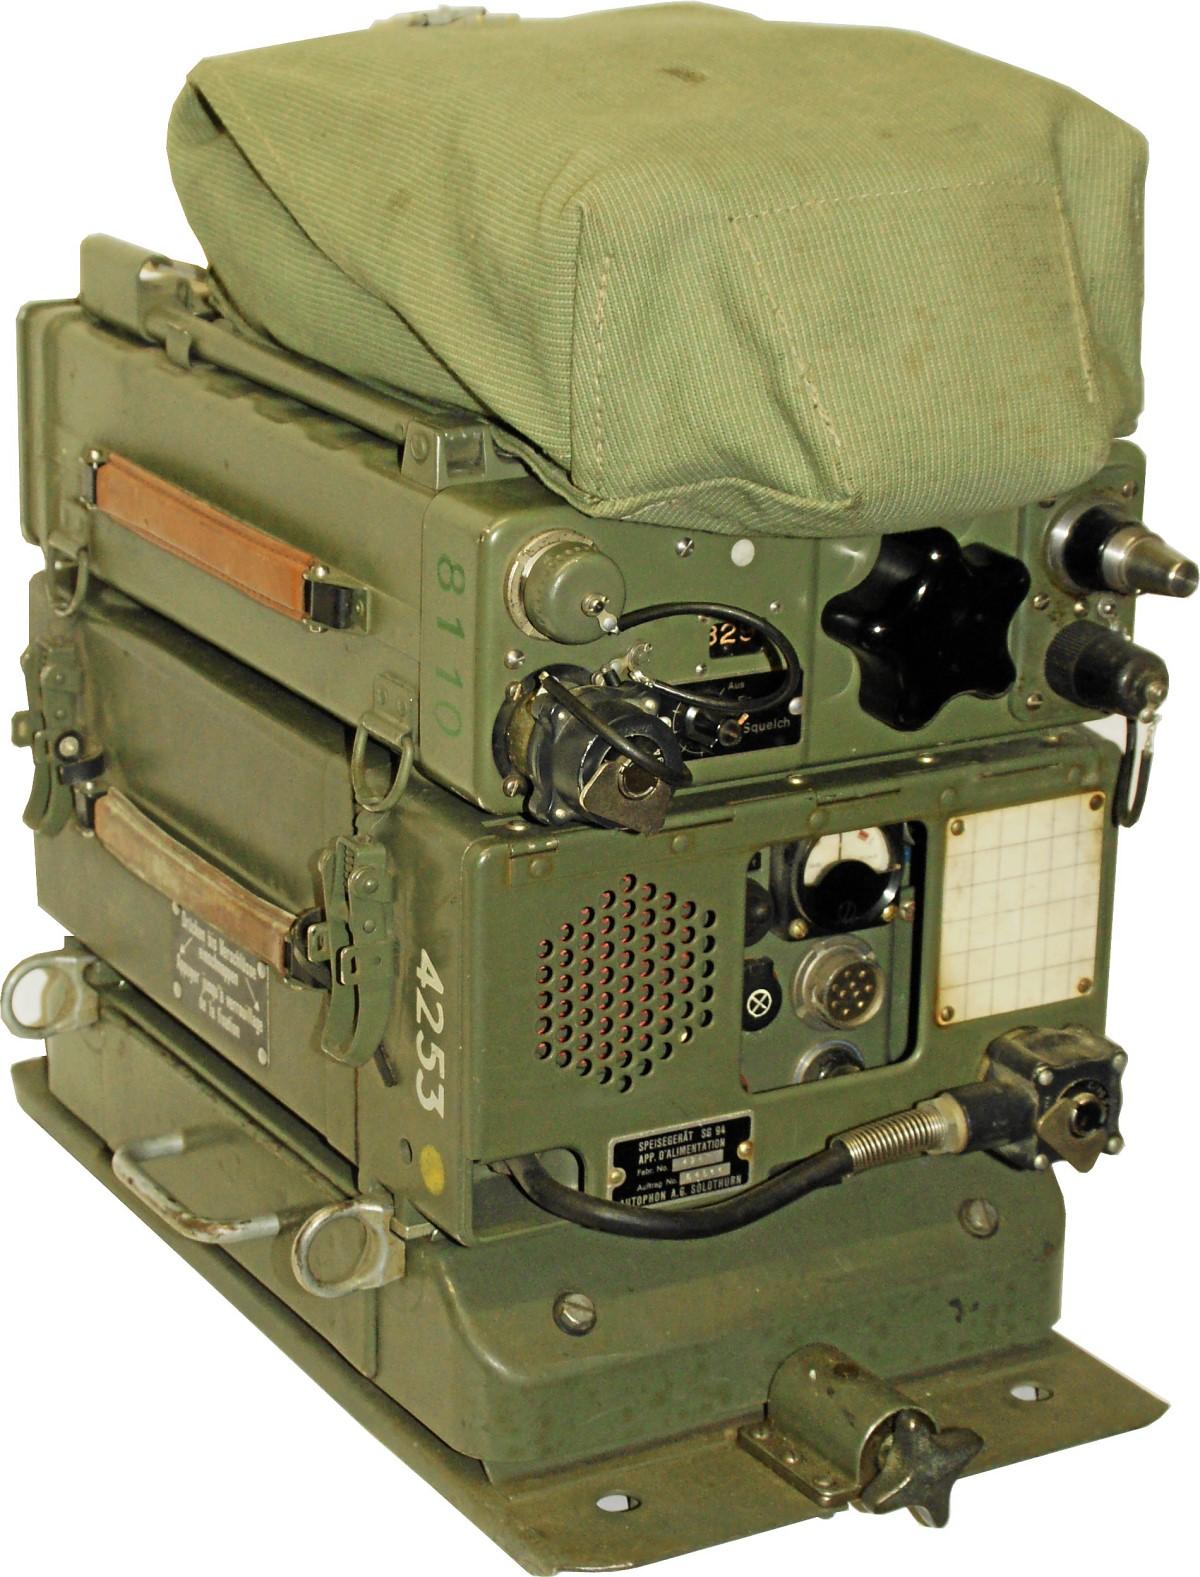 en:se-207 [armyradio wiki]